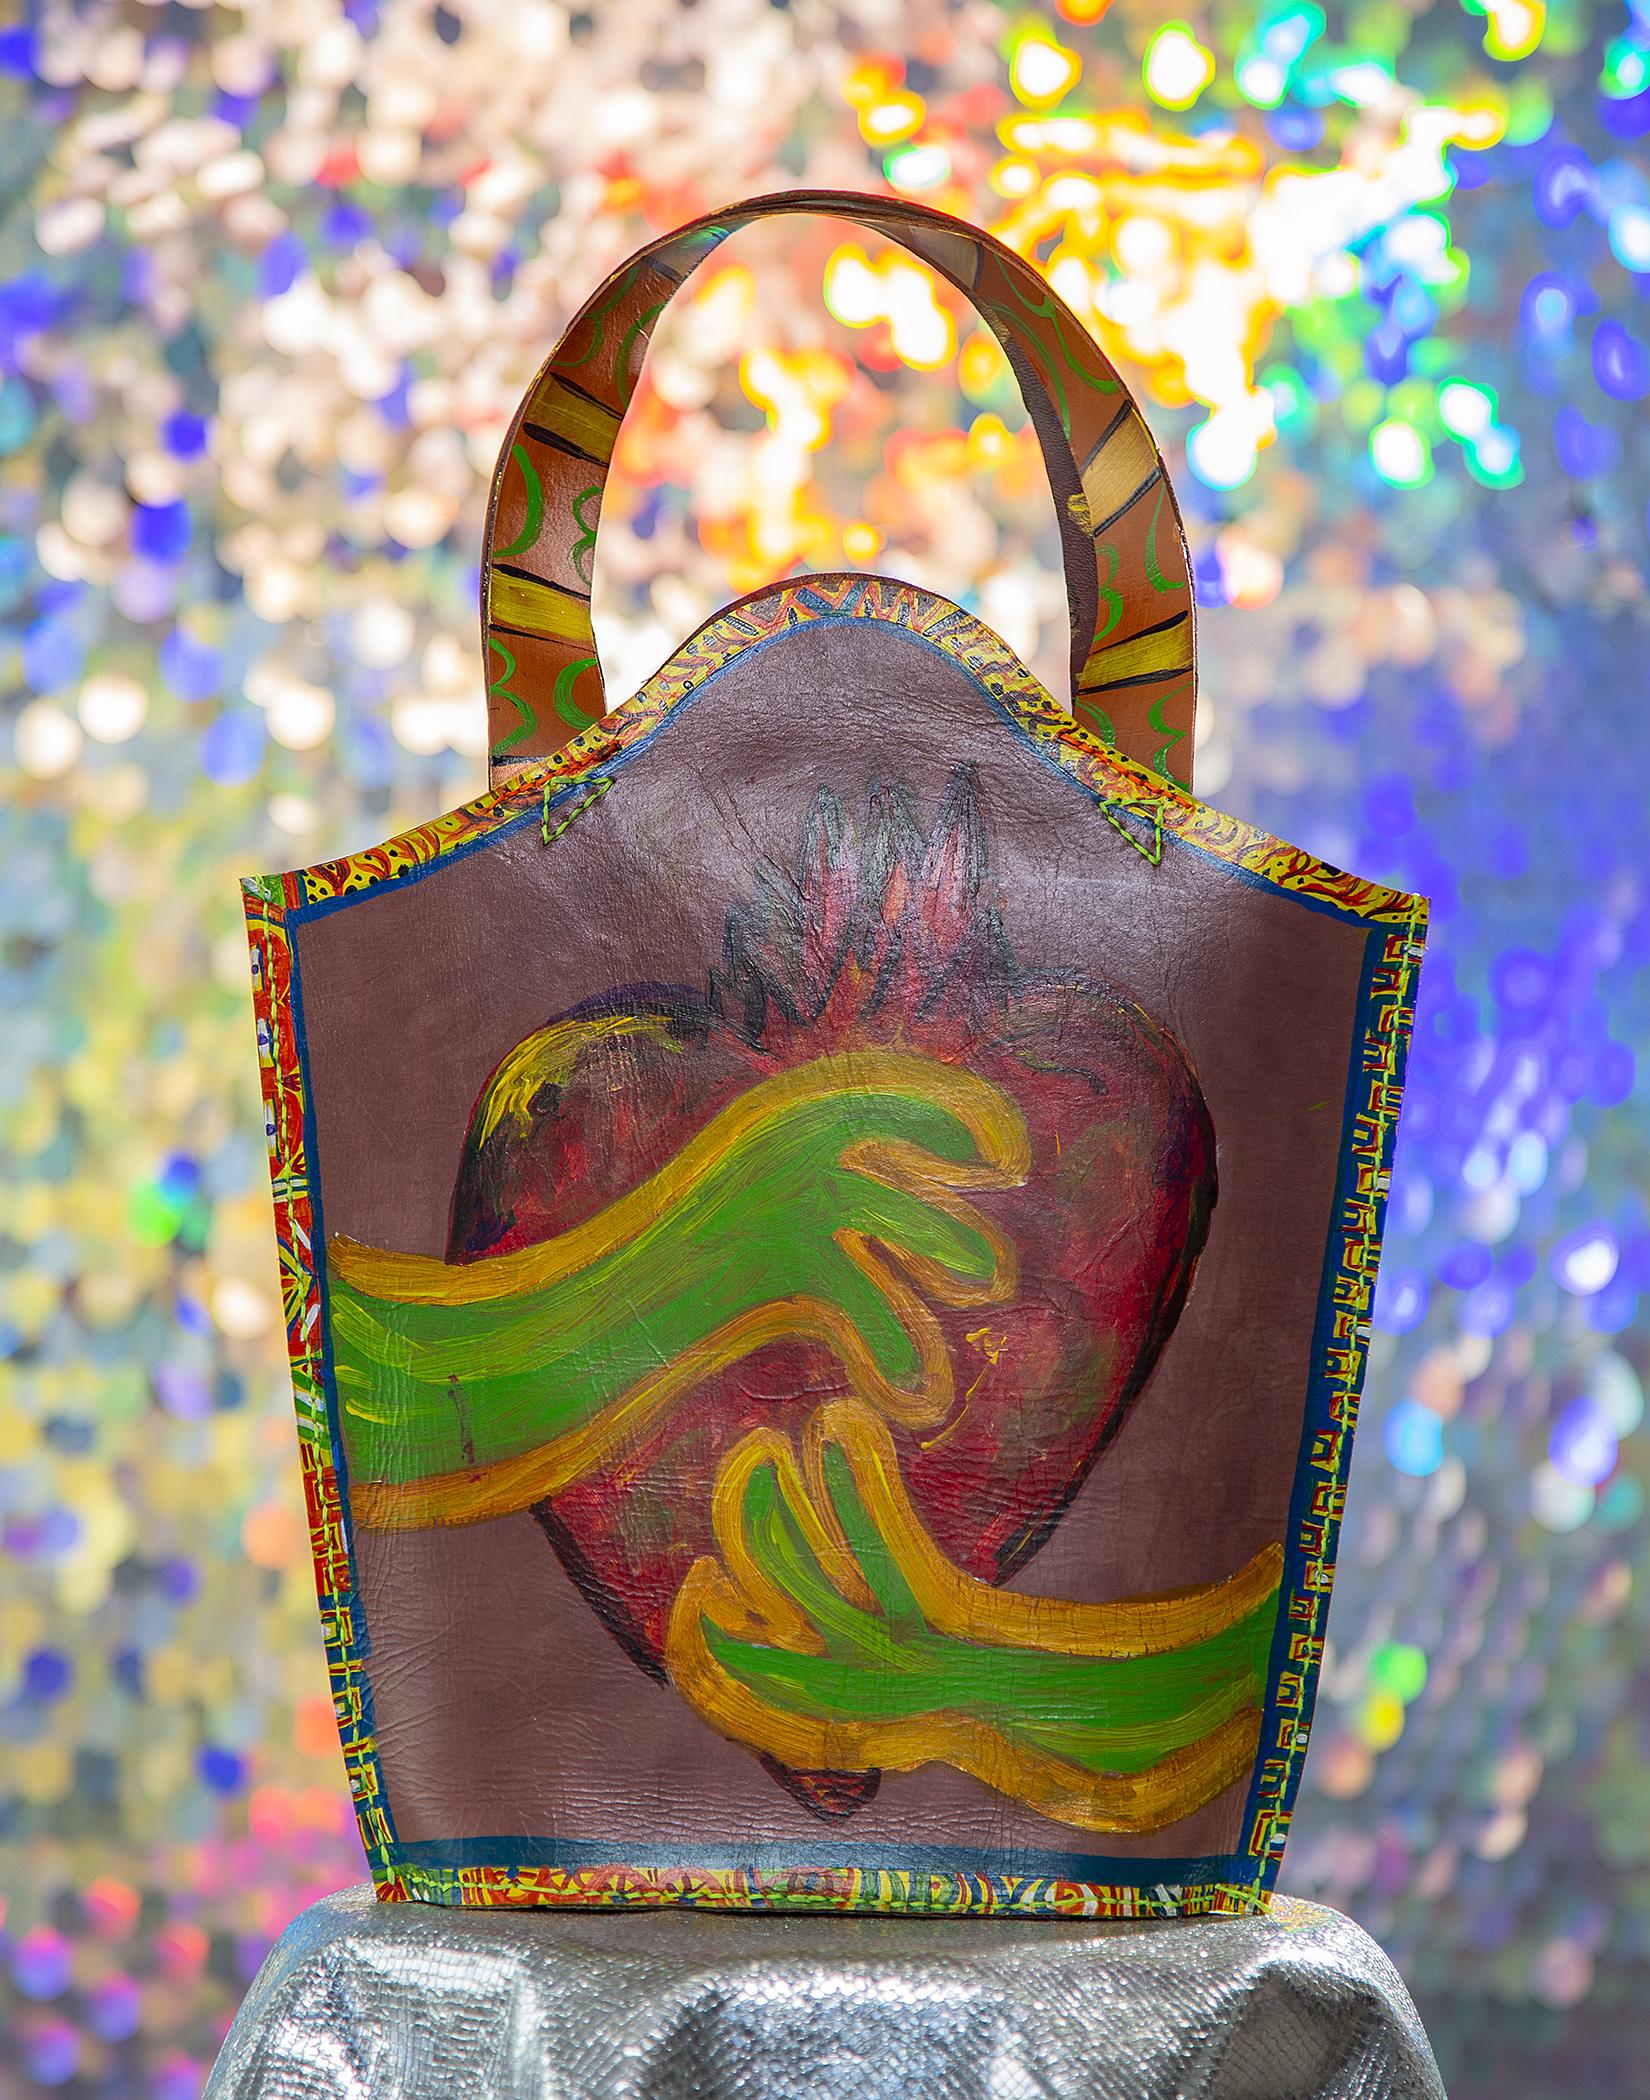 002_bag_front.jpg